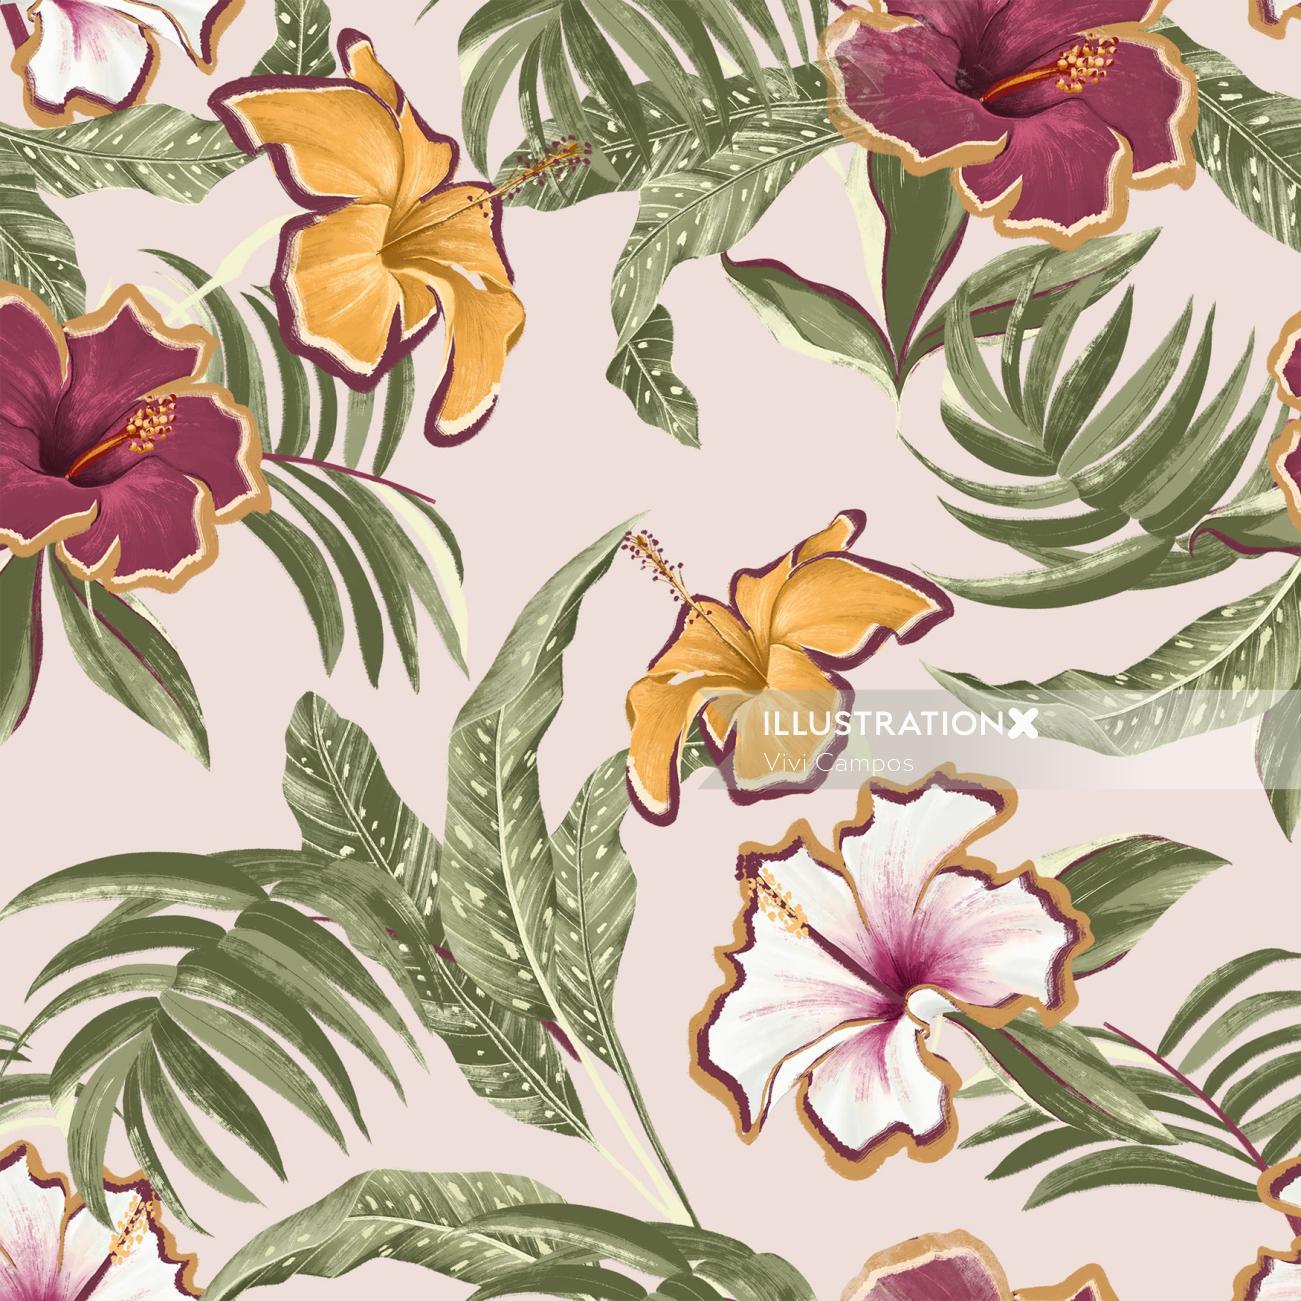 floral design by Vivi Campos